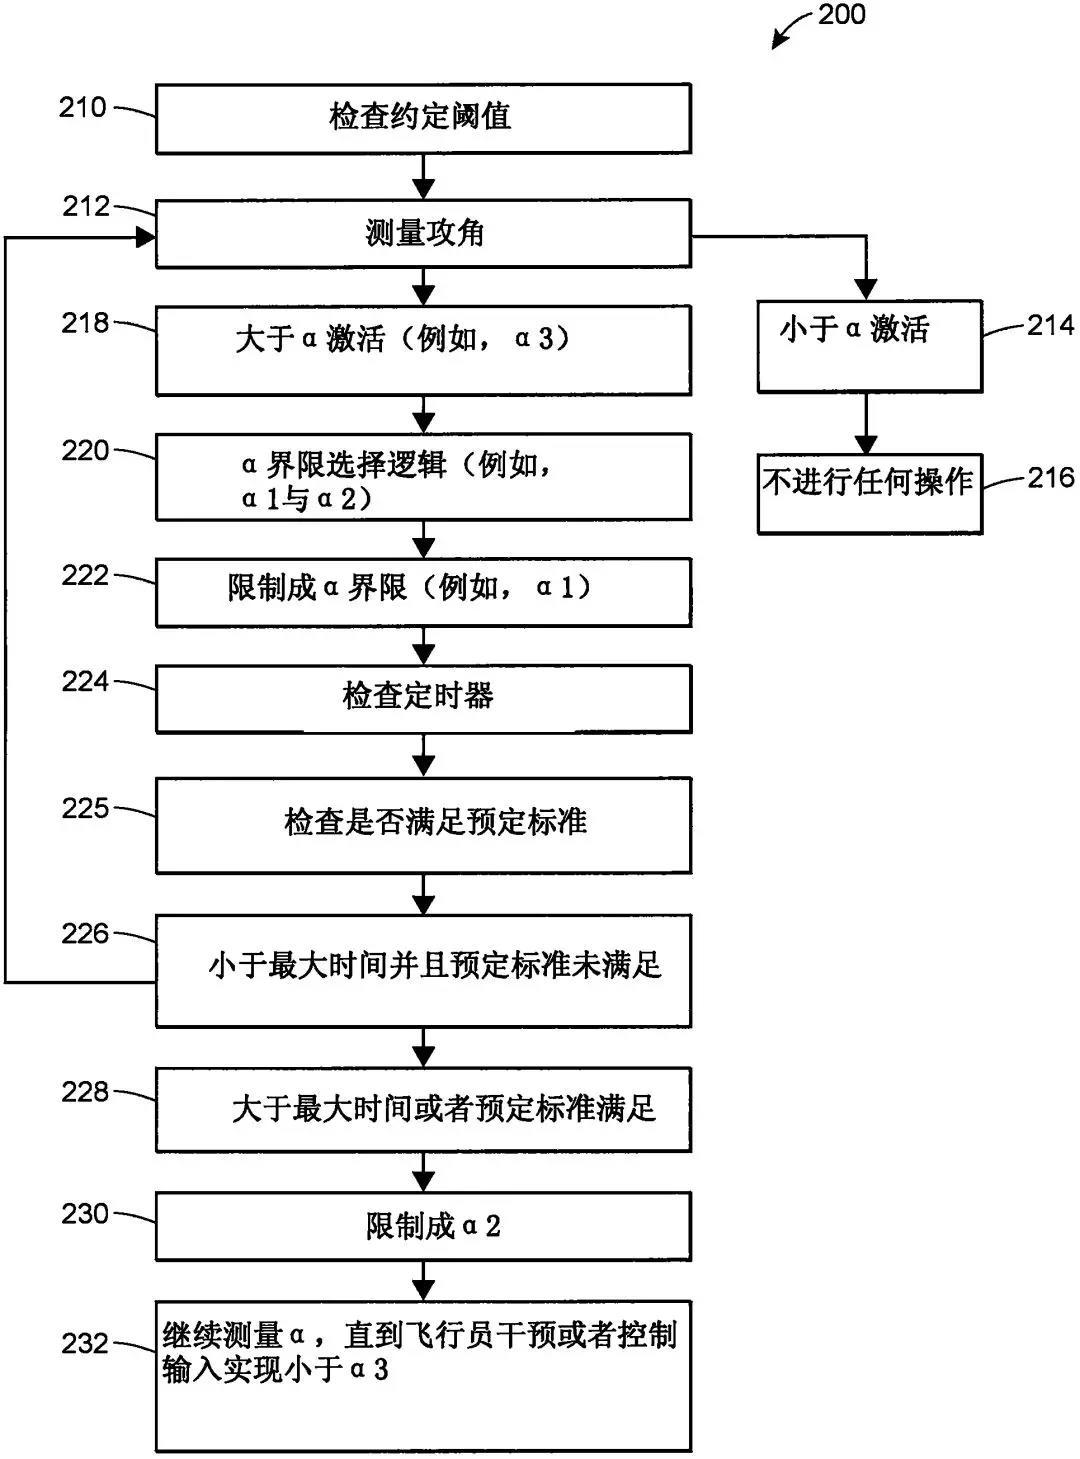 """【专利情报】""""狮航客机""""坠机事故原因的专利分析"""